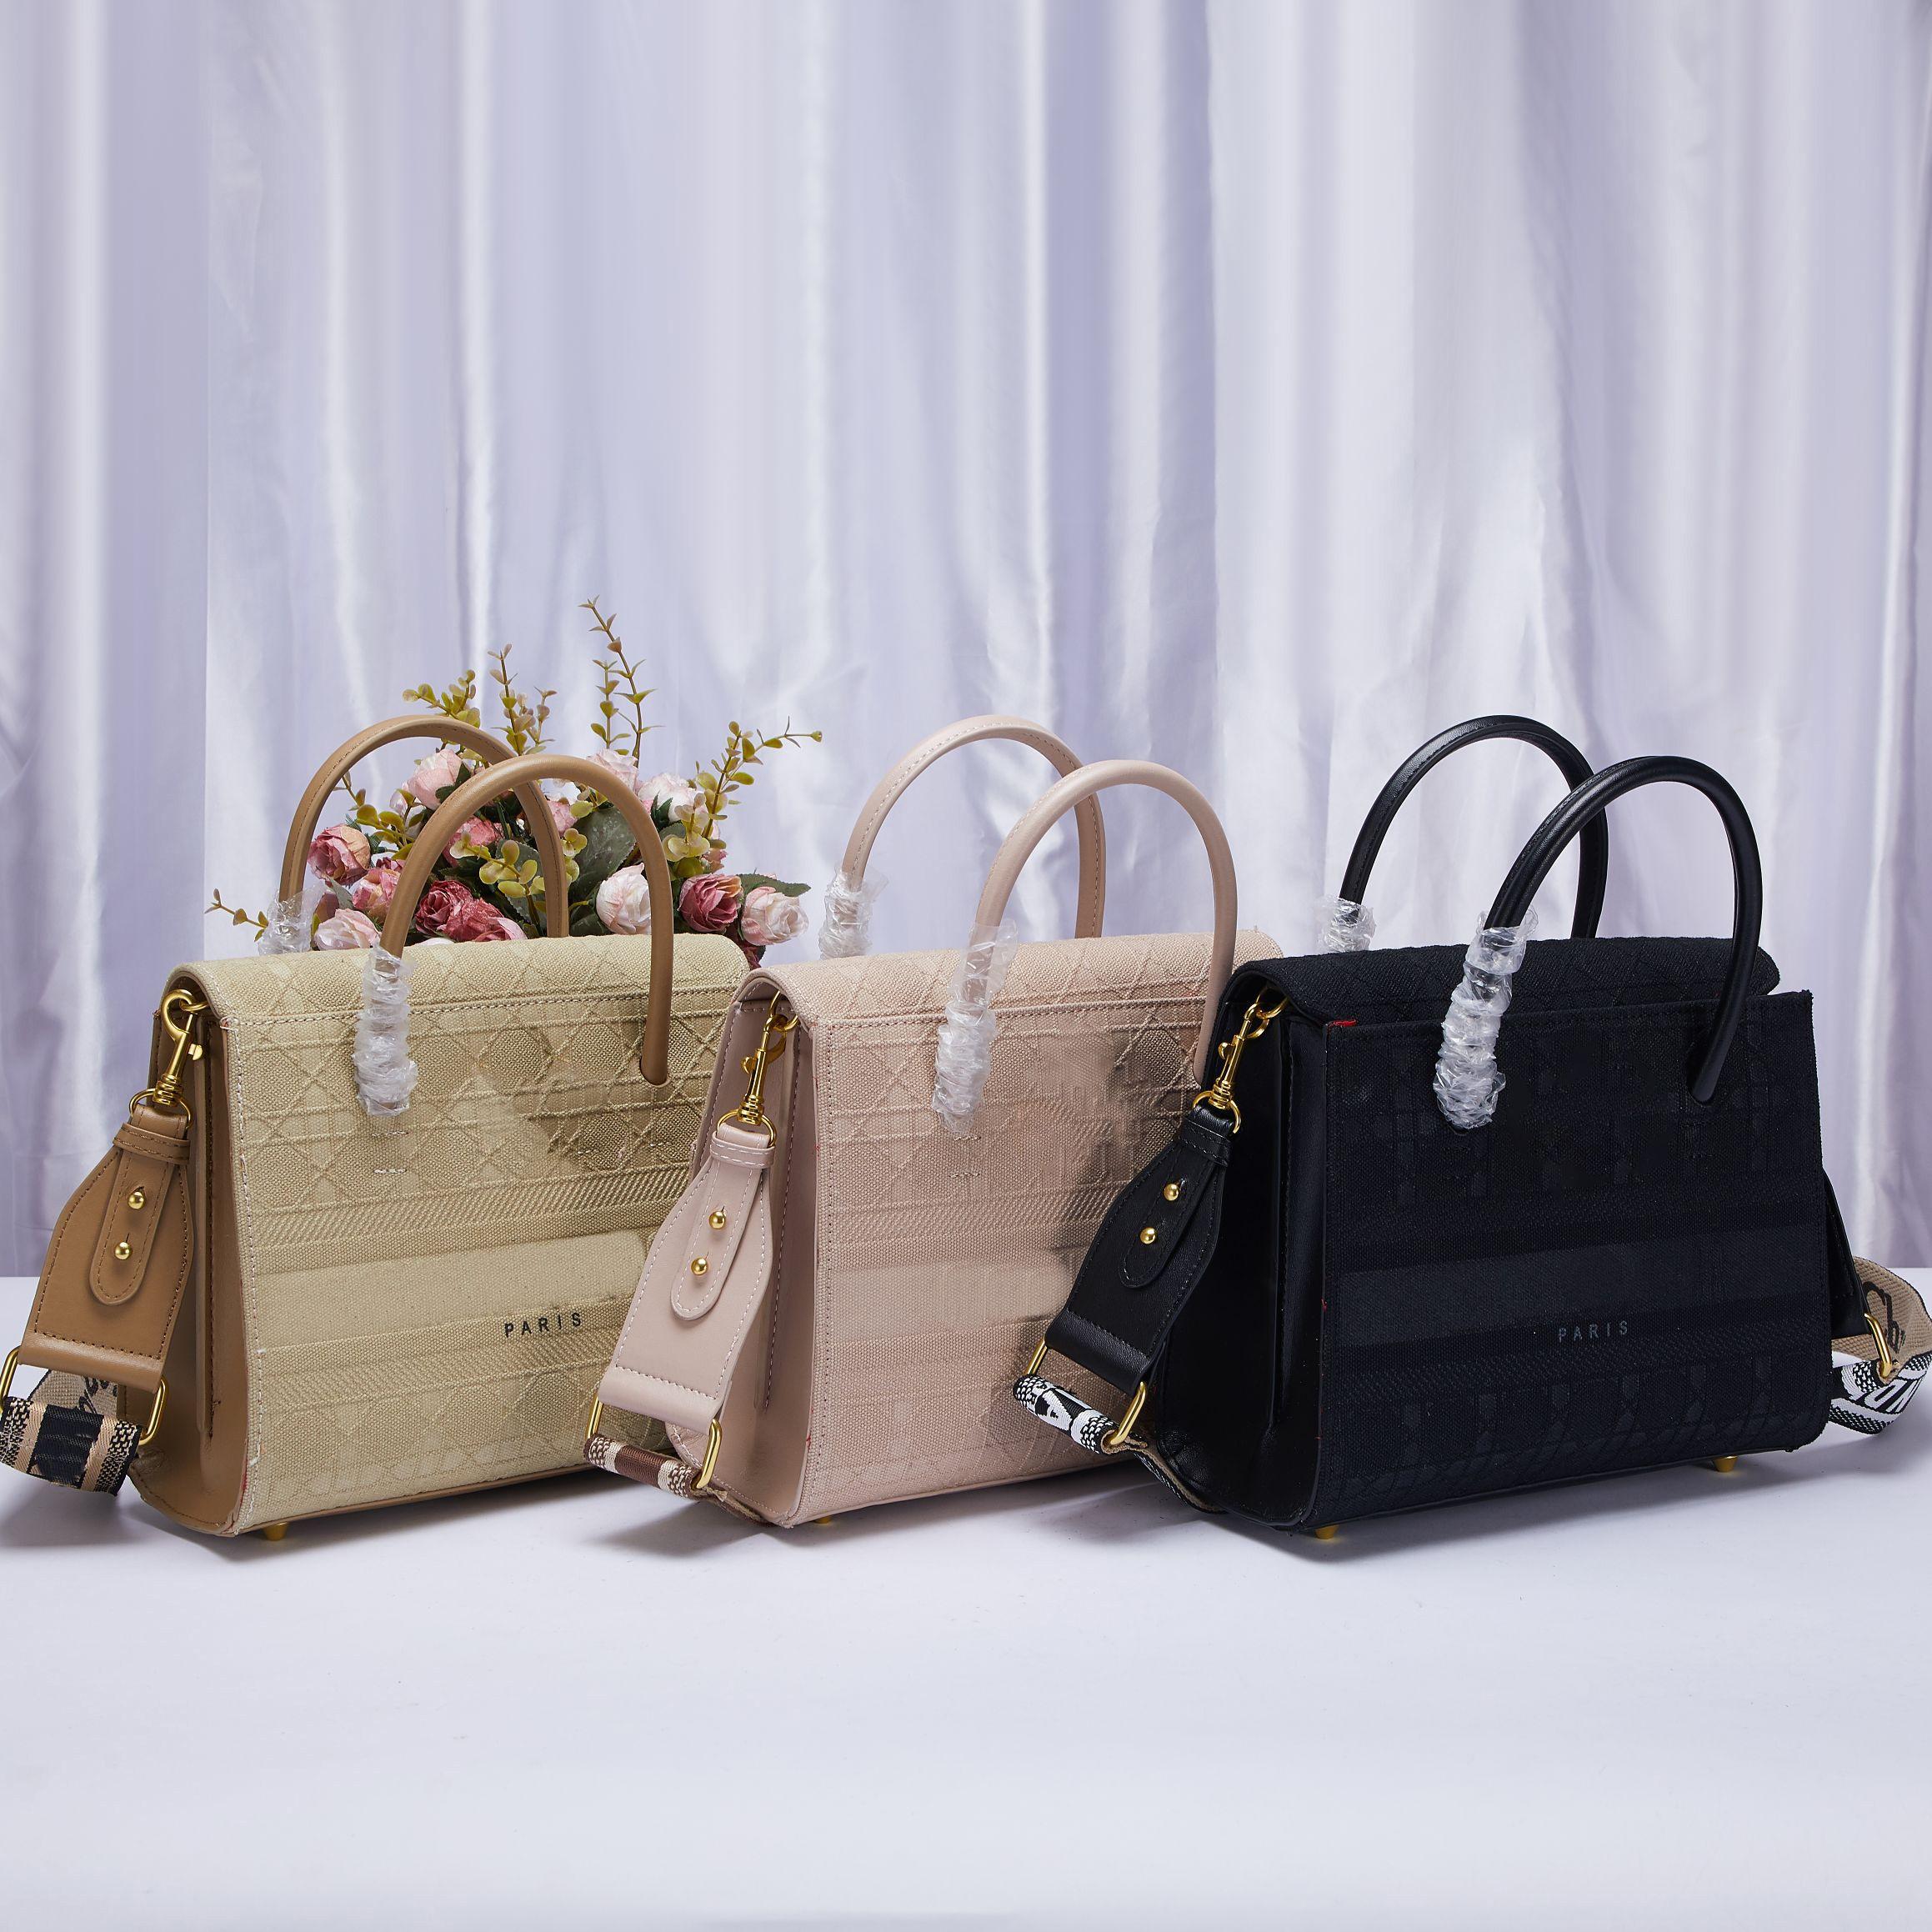 Mulheres Luxurys Designers Sacos 2020 Alta Qualidade C Marca Bolsa Senhora Sacos Famoso Designers de Luxo Sacos